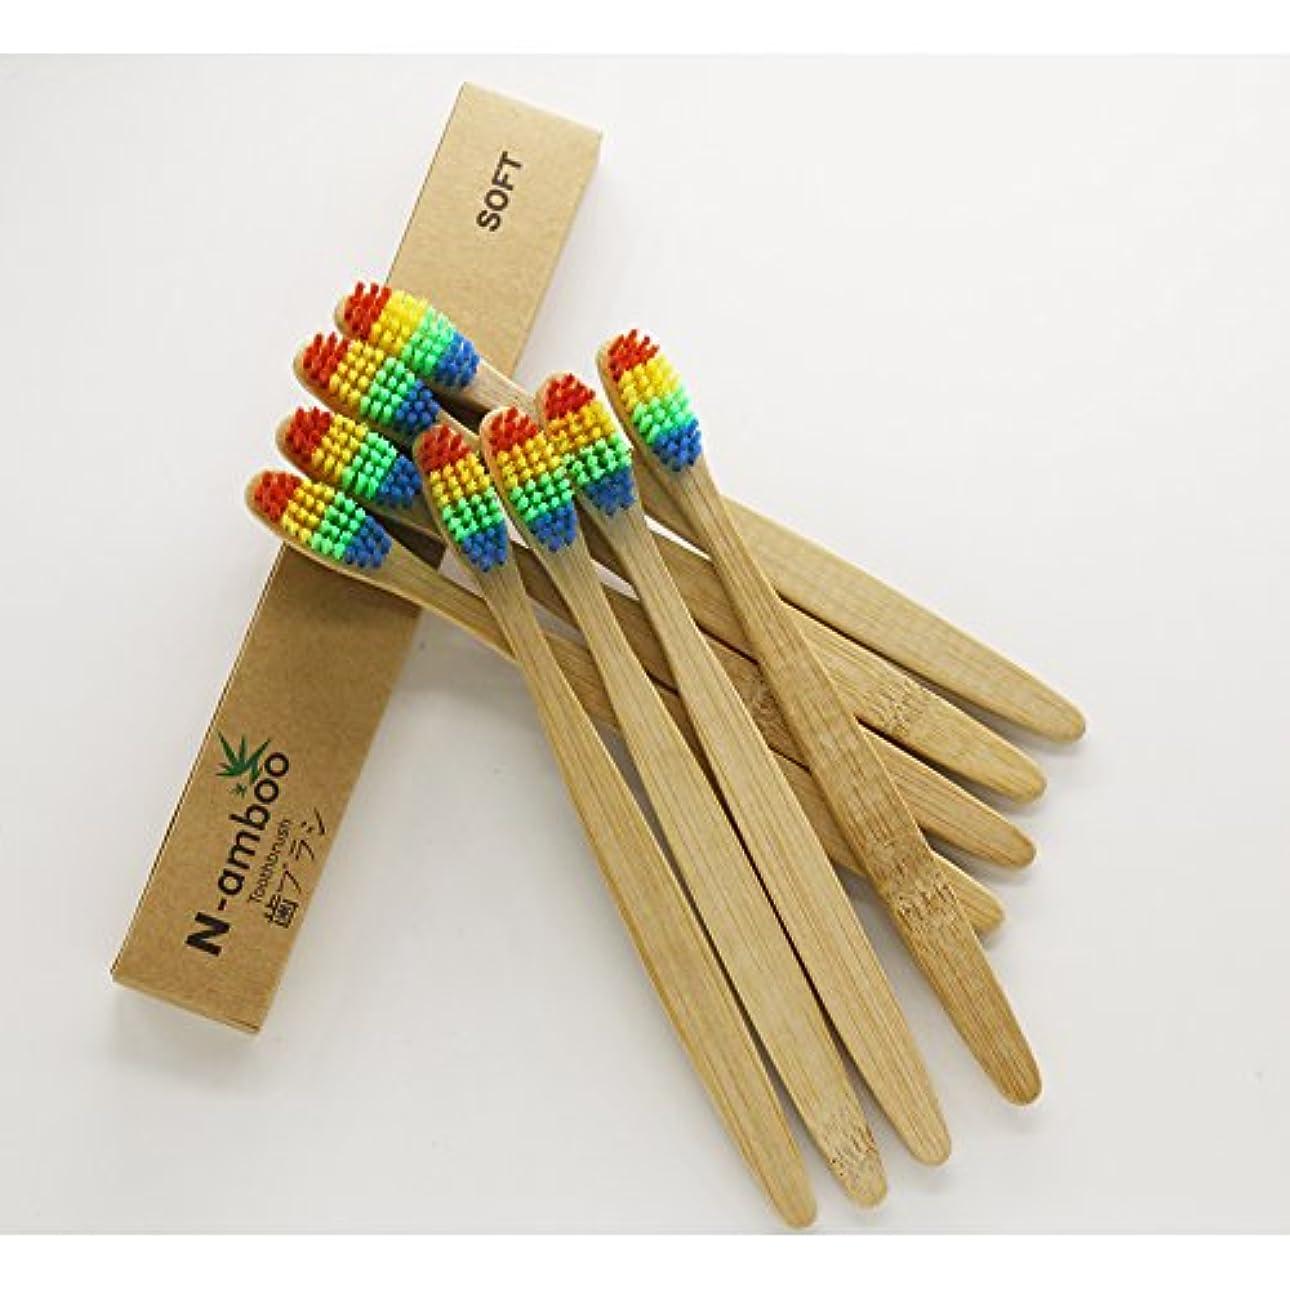 巨大穏やかな細心のN-amboo 竹製 耐久度高い 歯ブラシ 四色 虹(にじ) 8本入り ファミリー セット